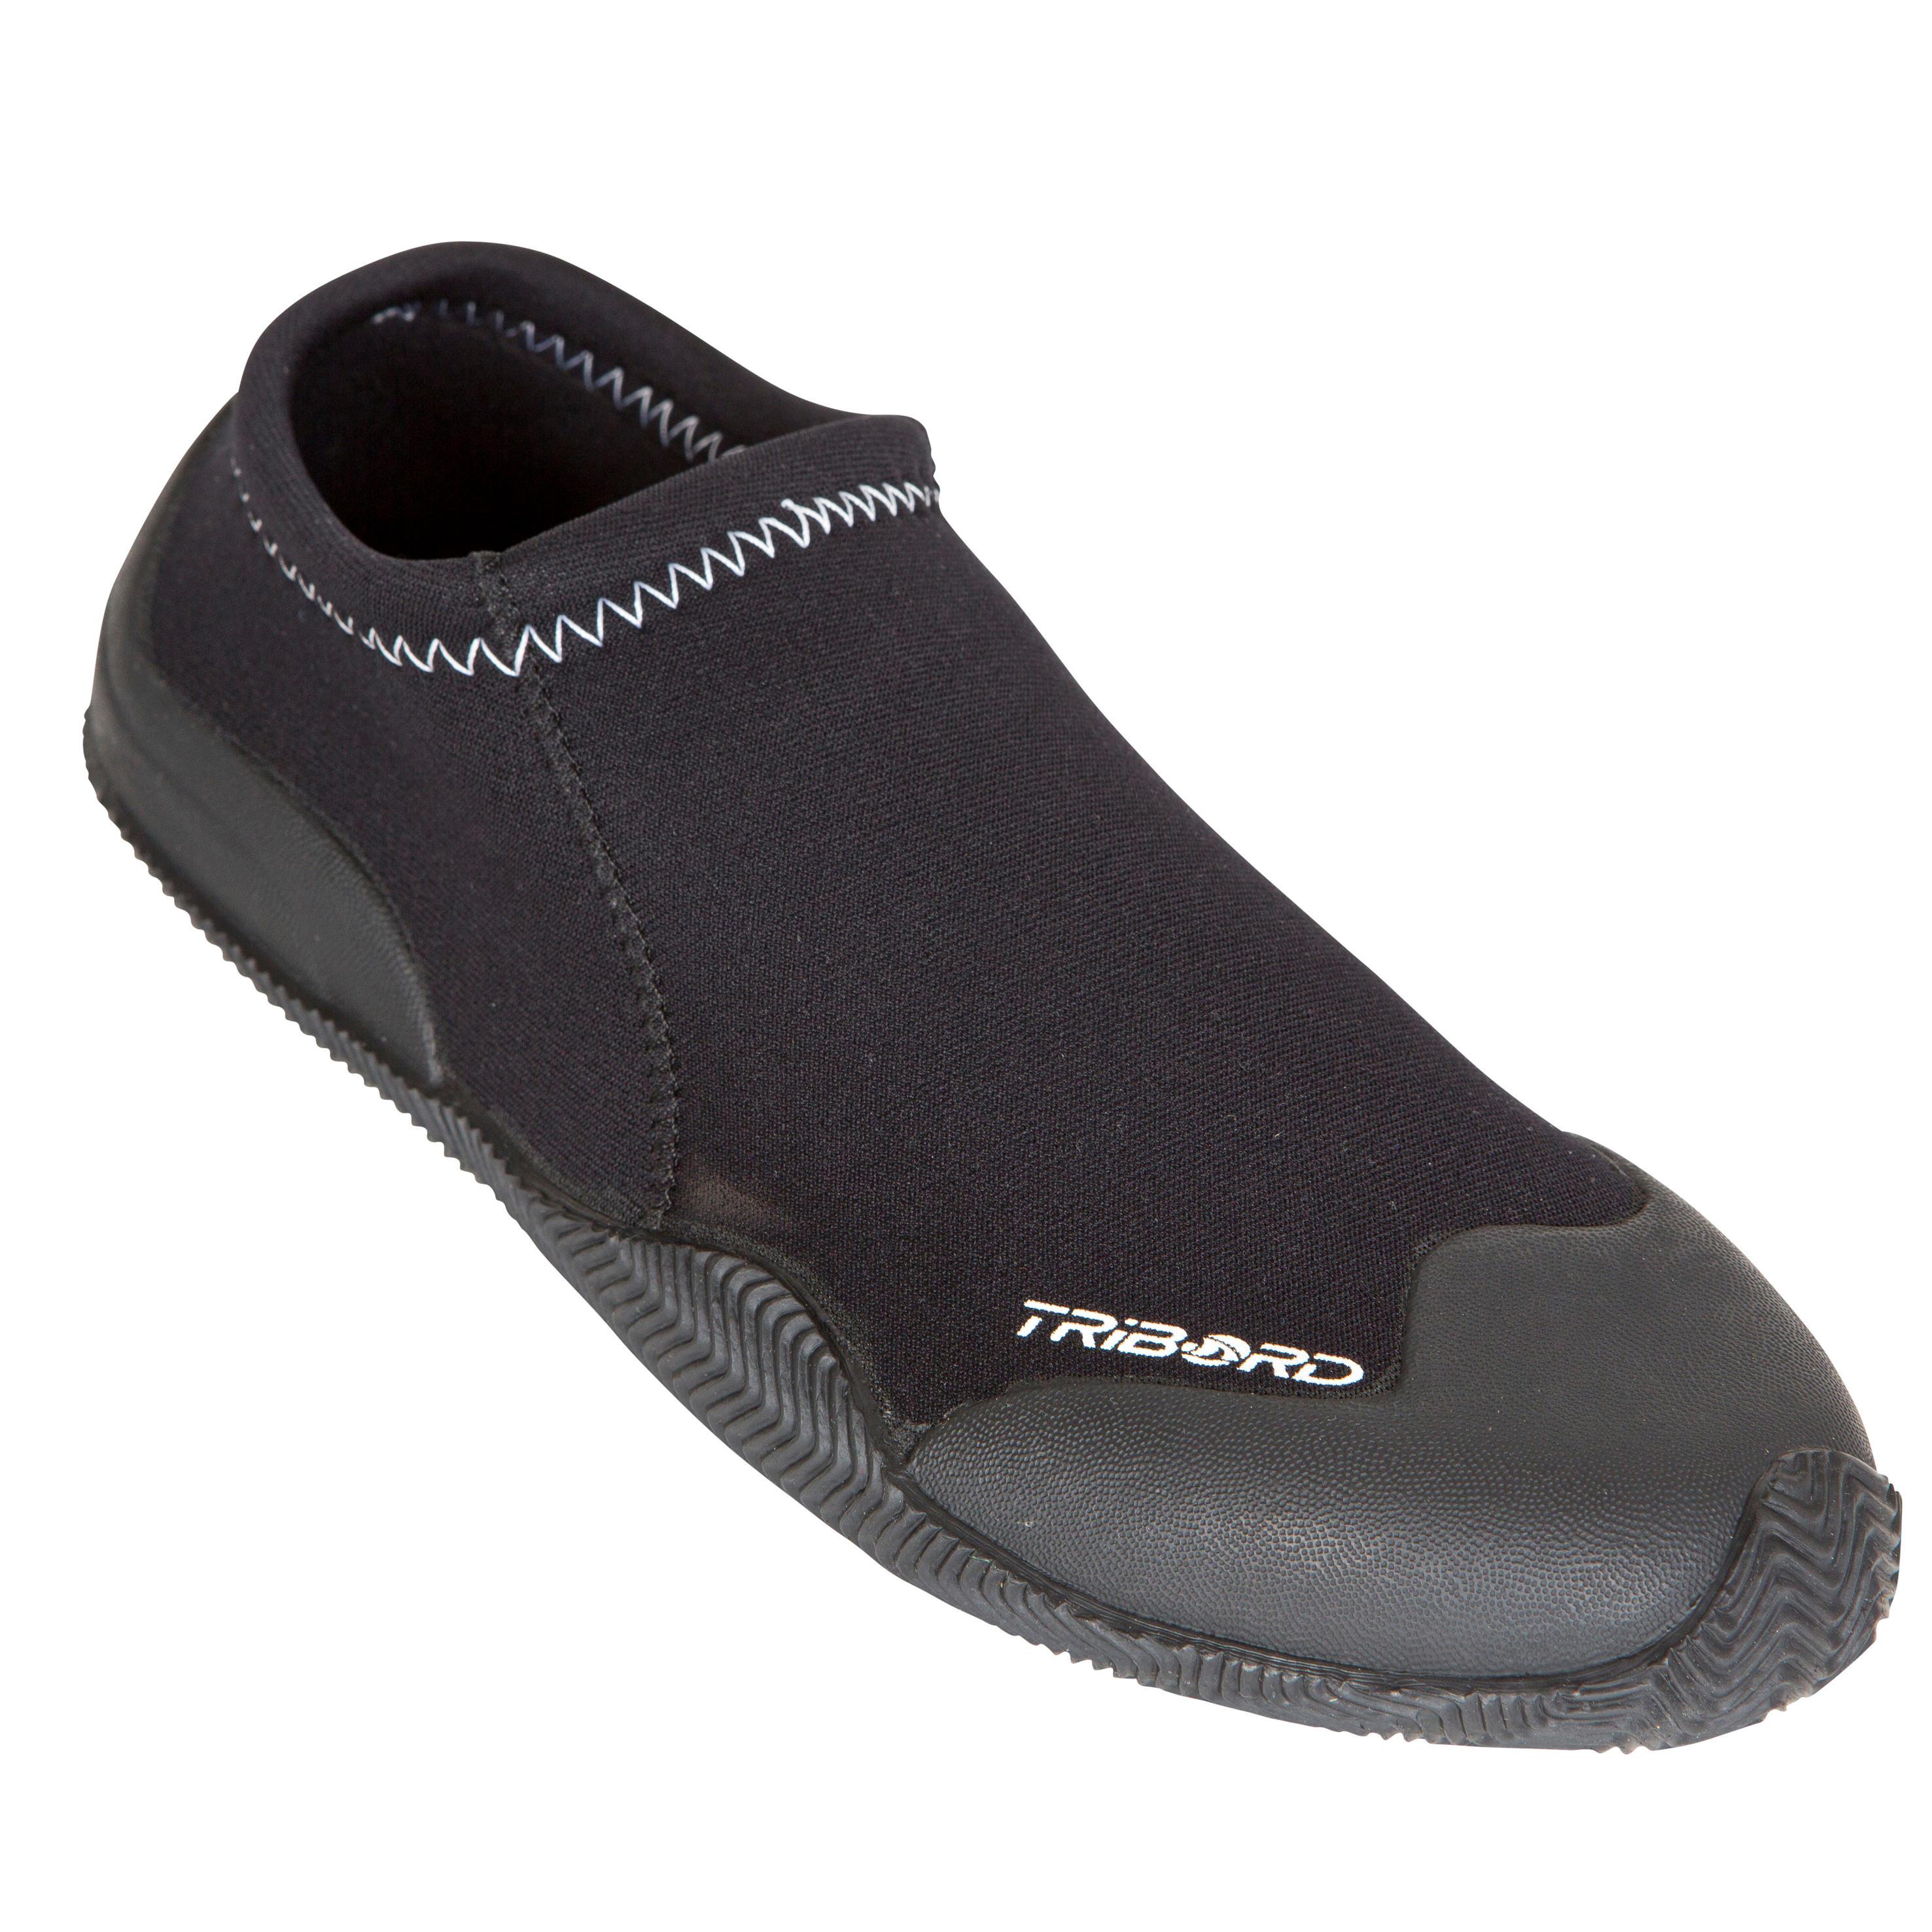 Tribord Neopreen schoenen 100 voor kajak en suppen, neopreen 1,5 mm